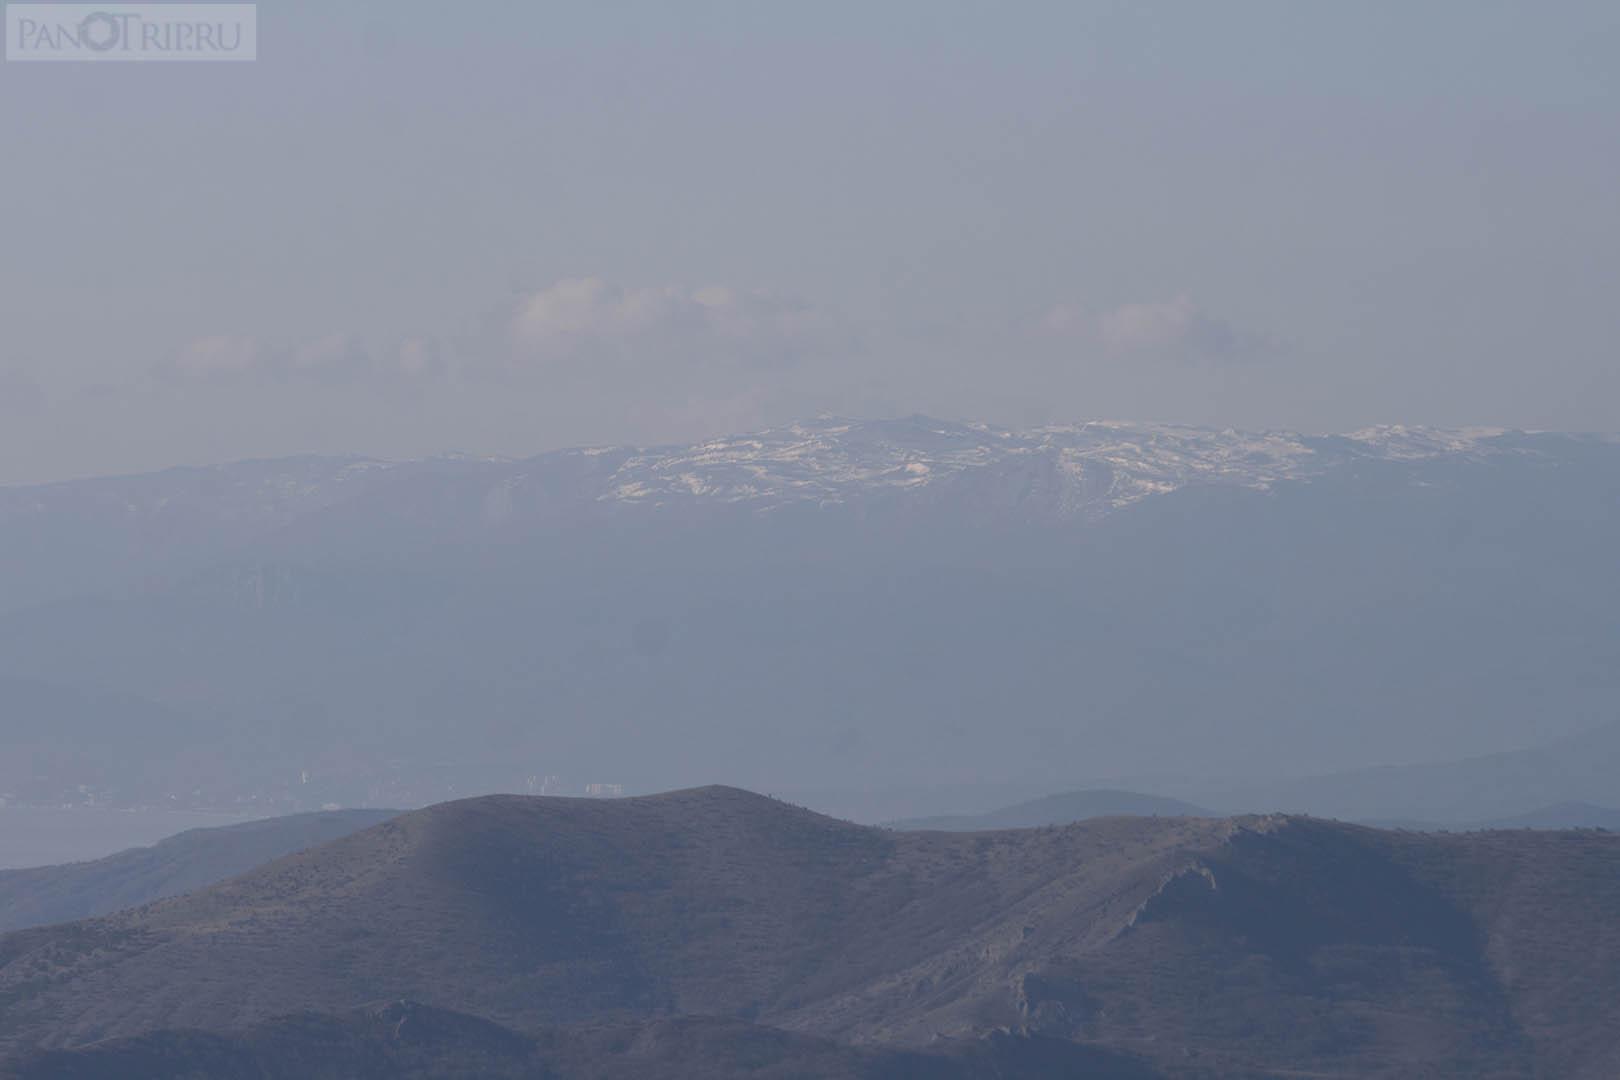 East Crimea